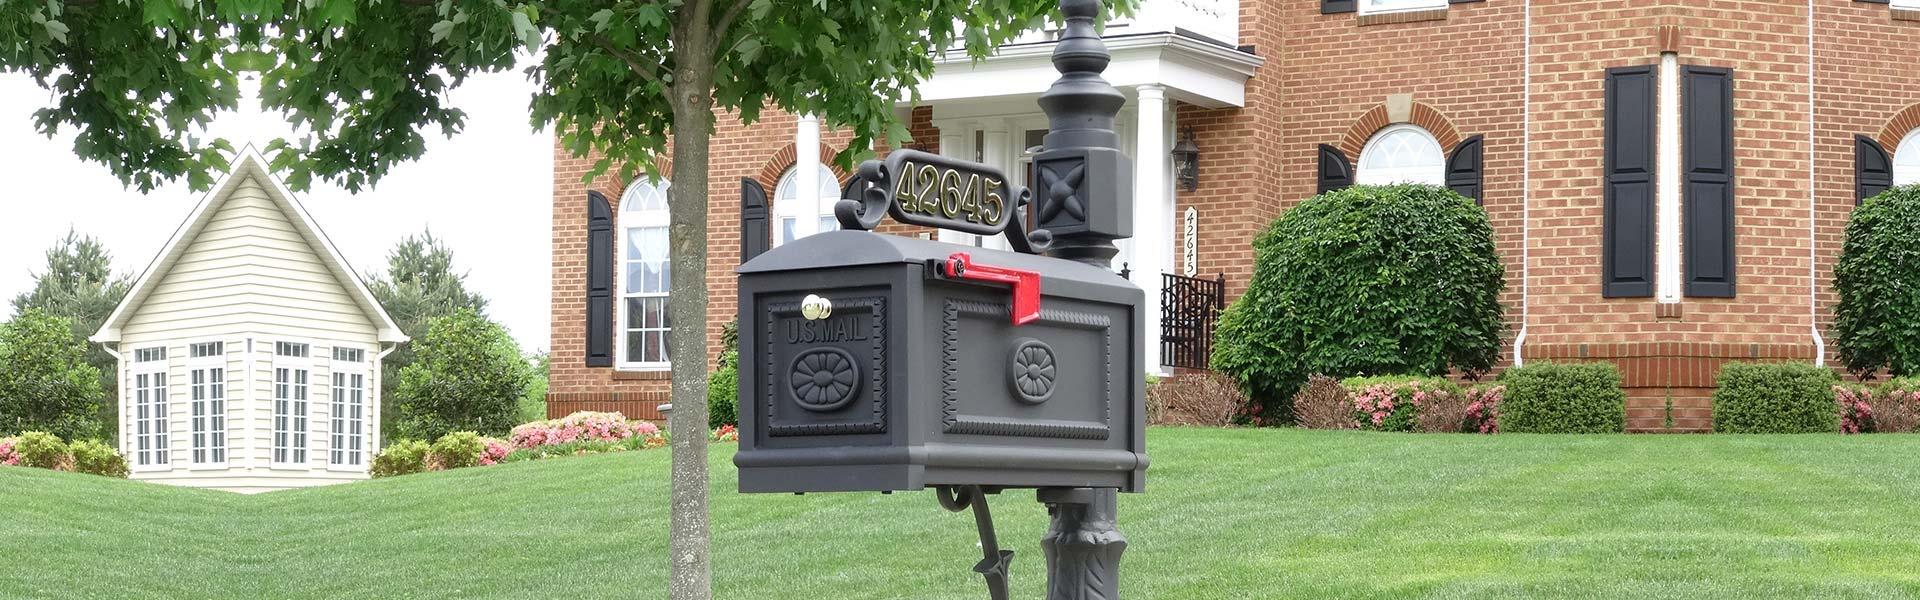 mailbox-slide-1